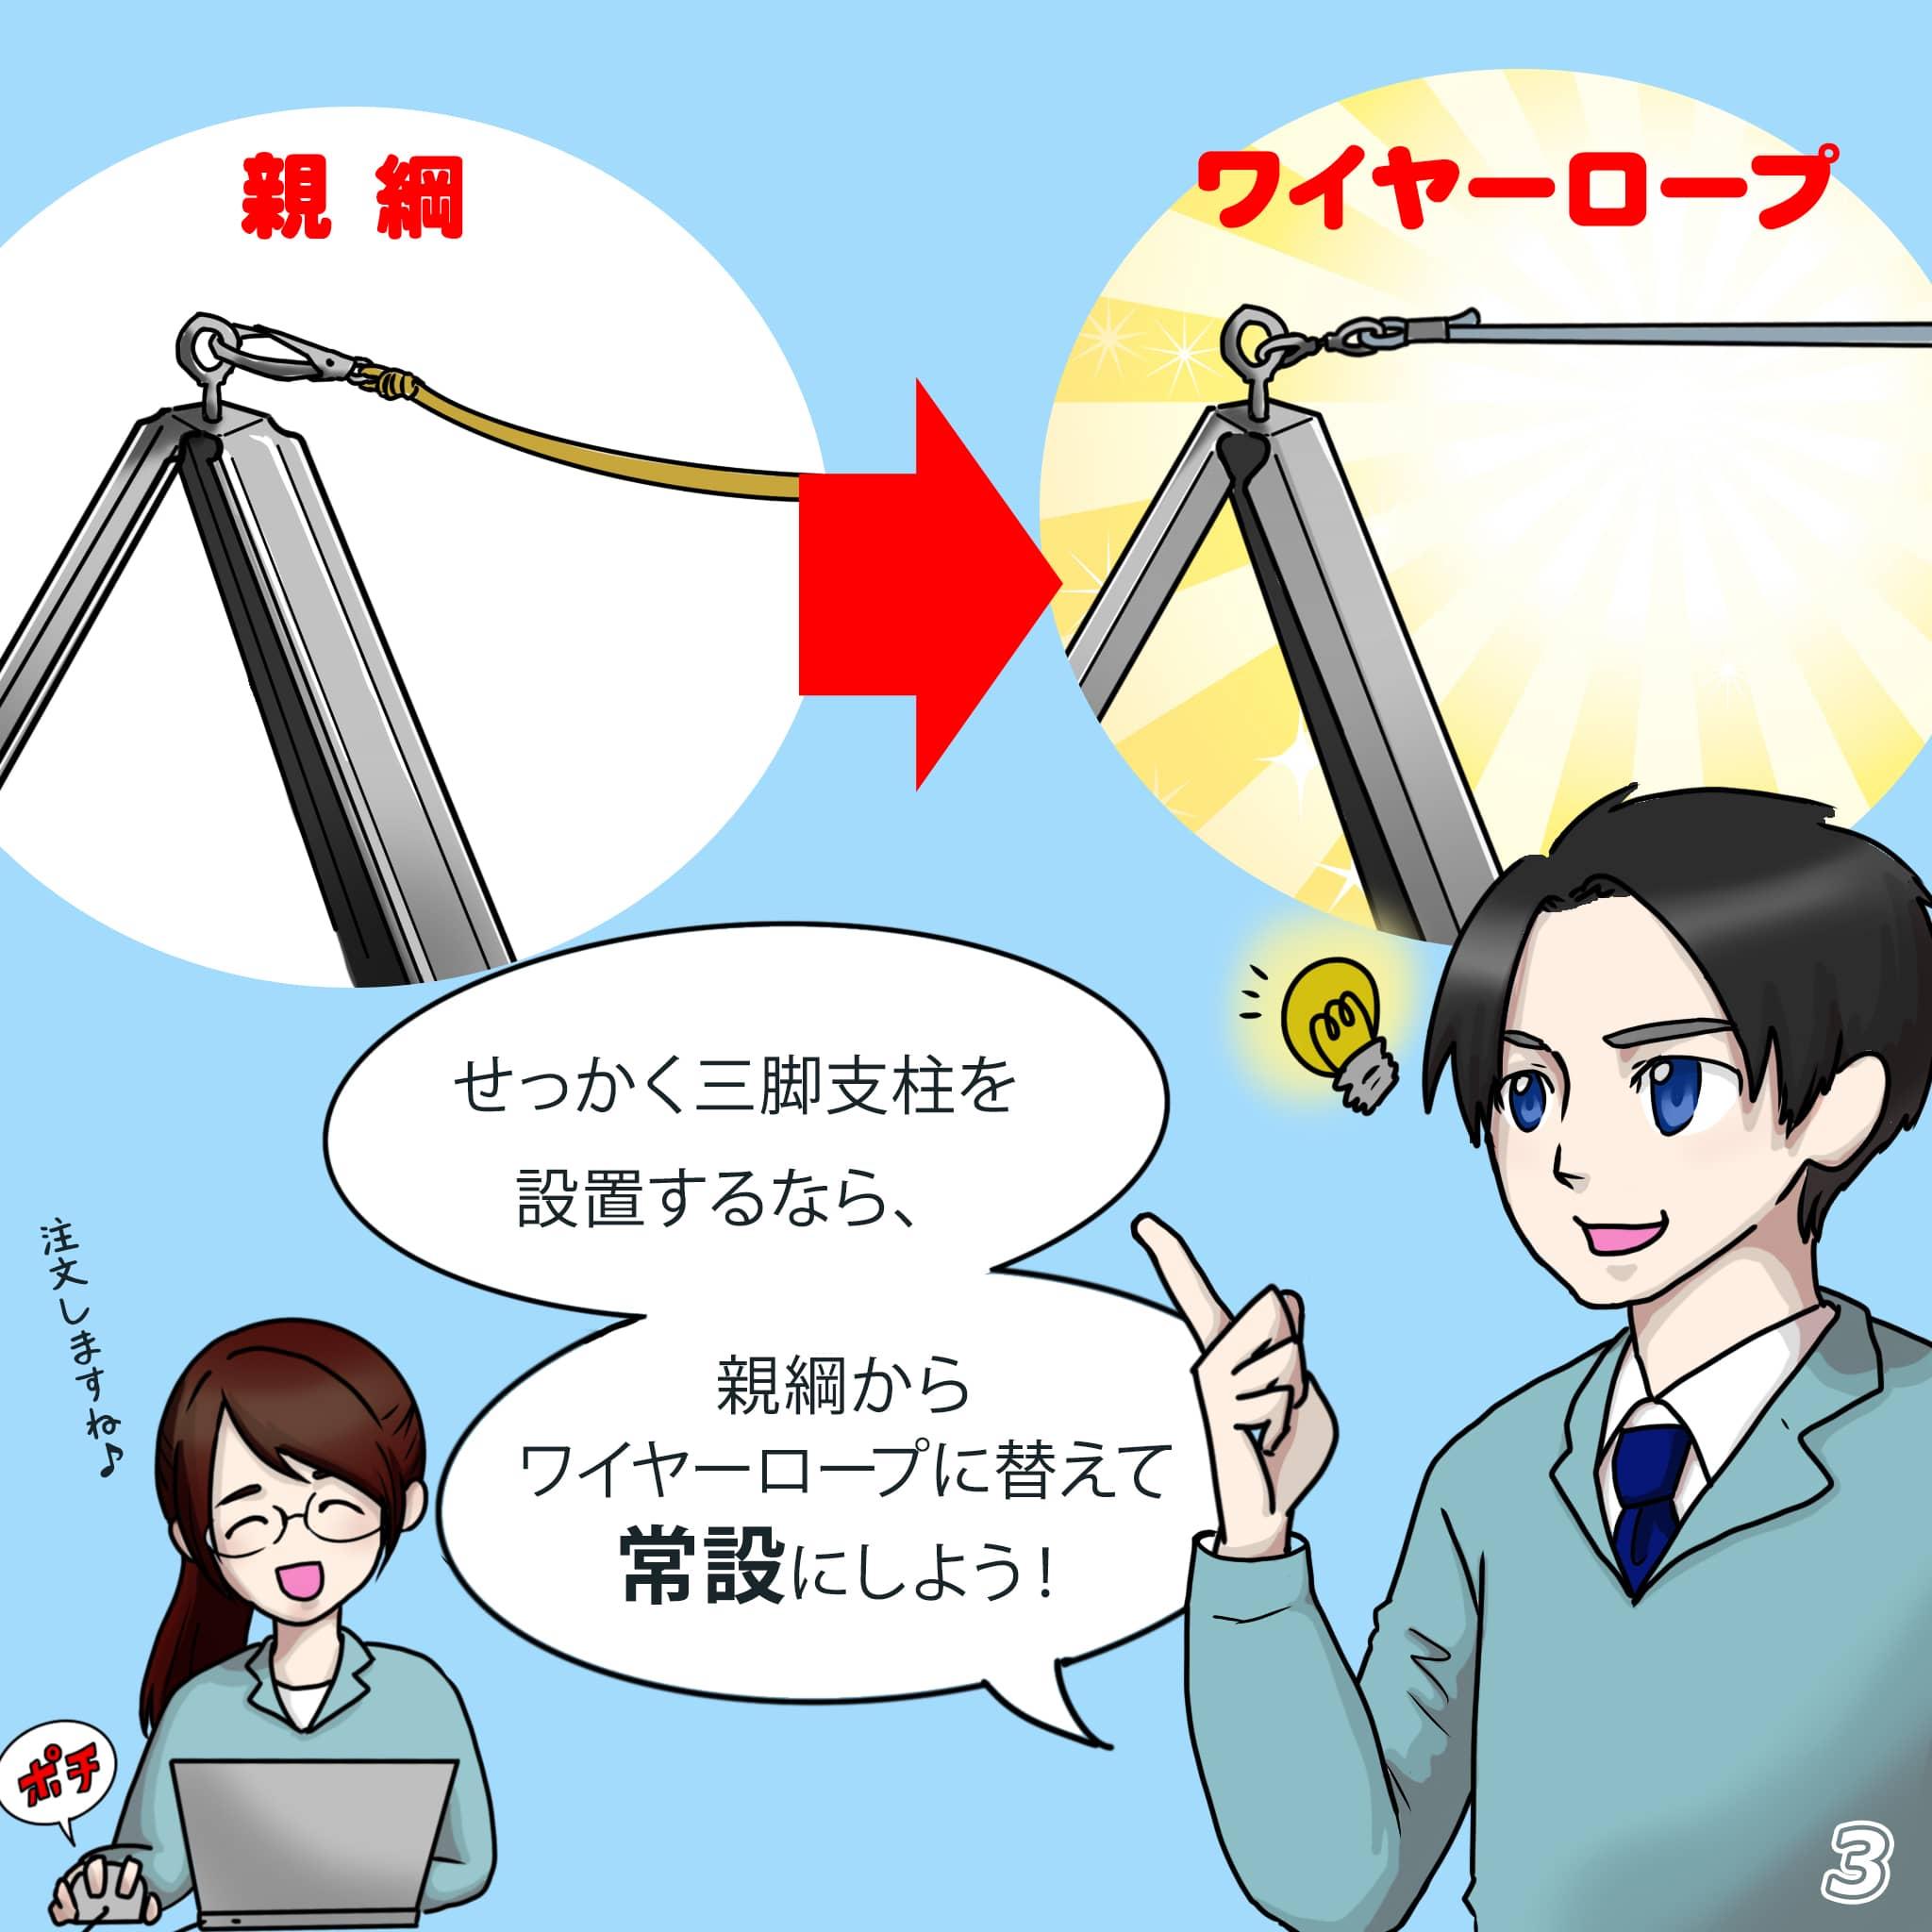 せっかく三脚支柱を設置するなら親綱ではなくワイヤーロープを設置し常設しようと提案するマンガ